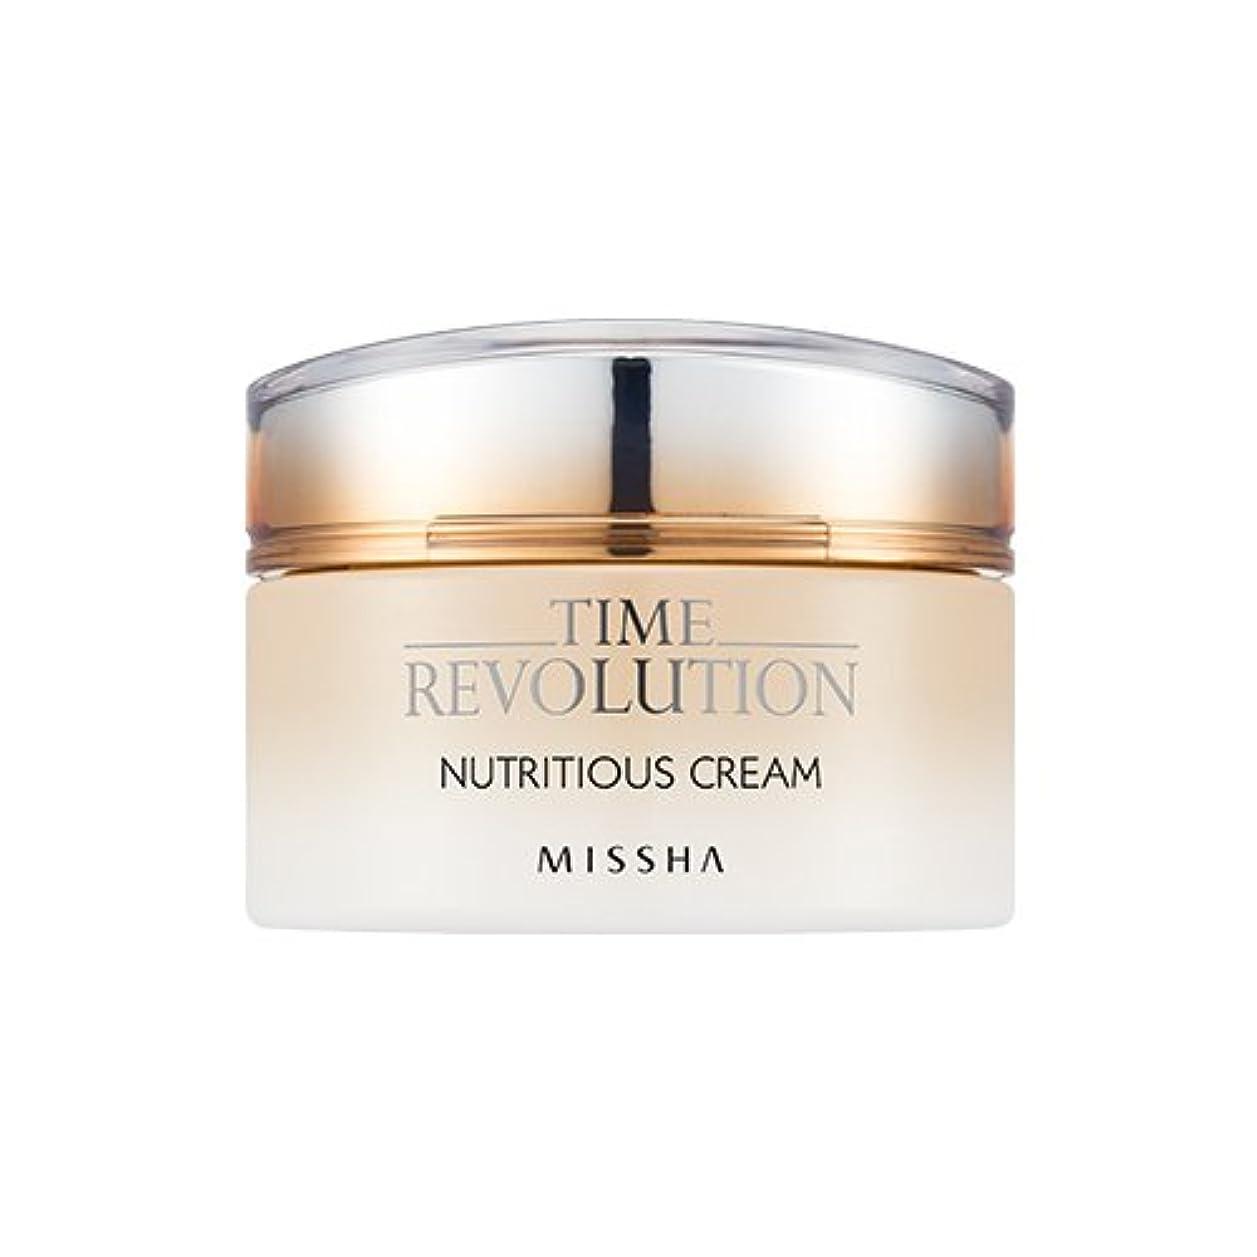 チチカカ湖中級ハイライト[New] MISSHA Time Revolution Nutritious Cream 50ml/ミシャ タイム レボリューション ニュートリシャス クリーム 50ml [並行輸入品]